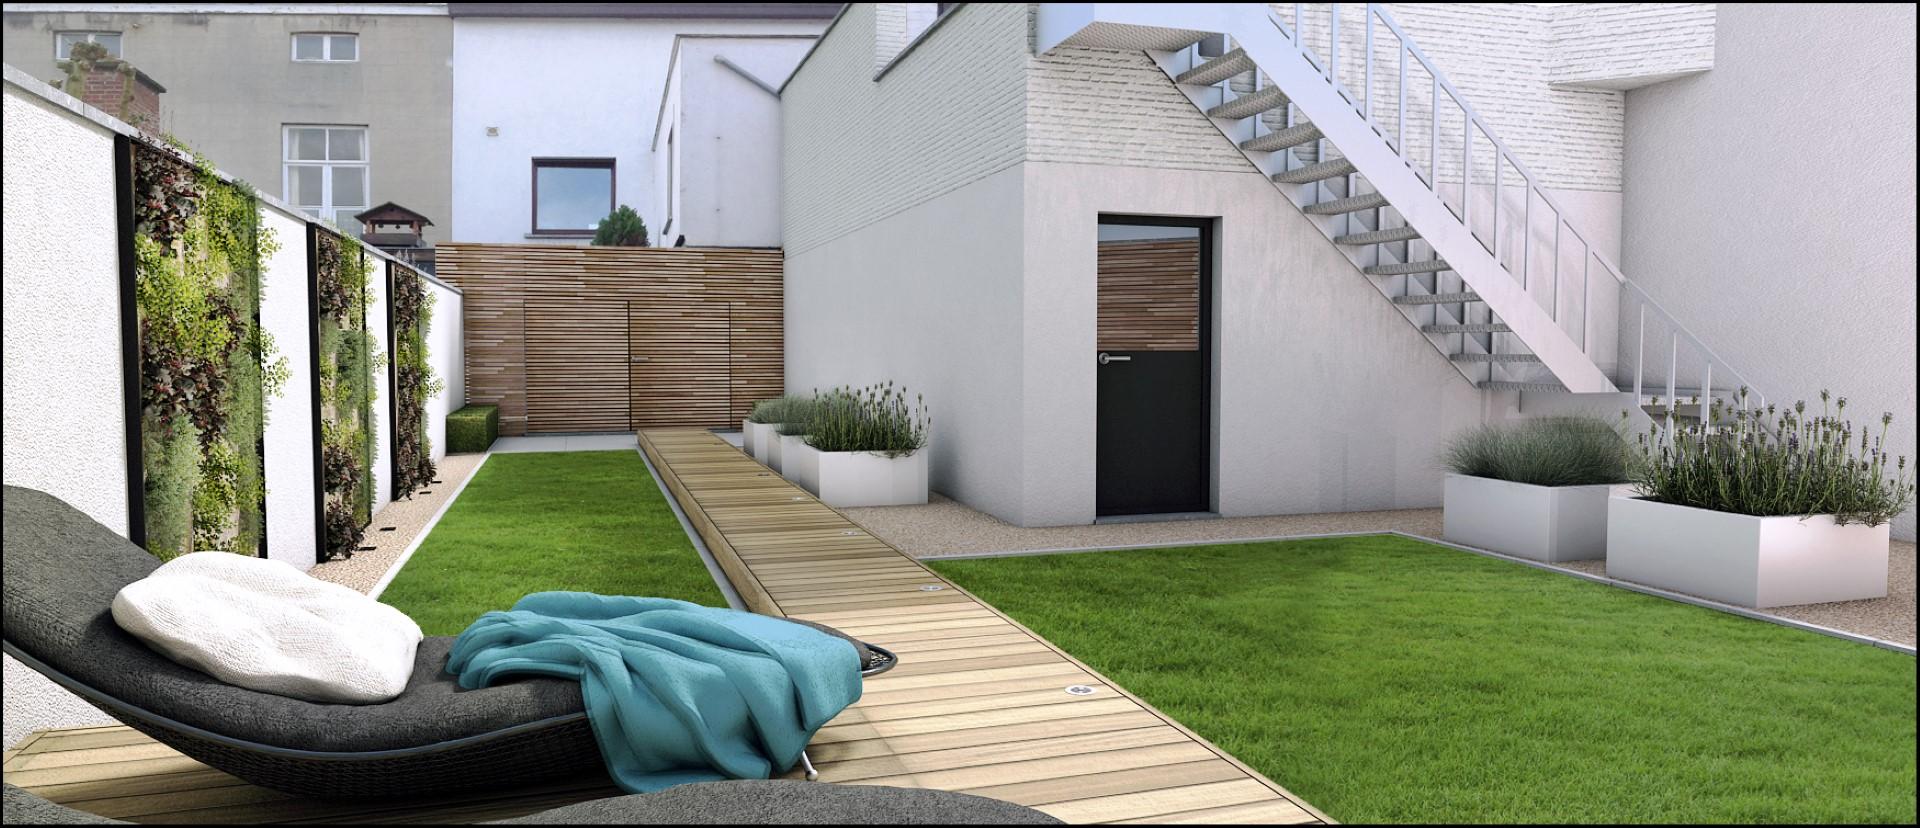 Eco tuinarchitectengroep 3d projecten stadstuin aalst - Kleine stadstuin ...